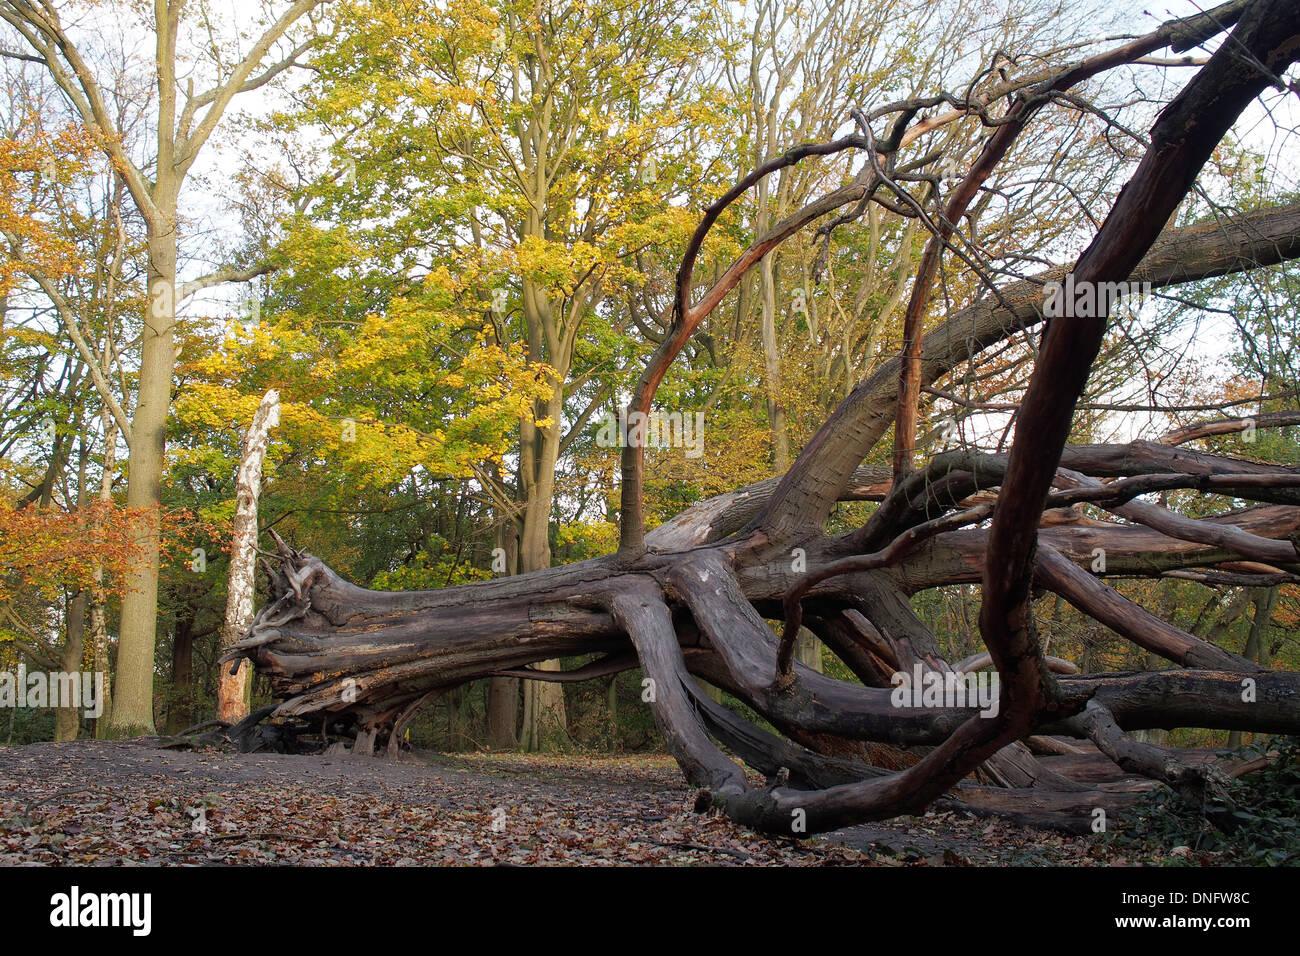 Dead fallen tree on Hampstead Heath in London England UK - Stock Image